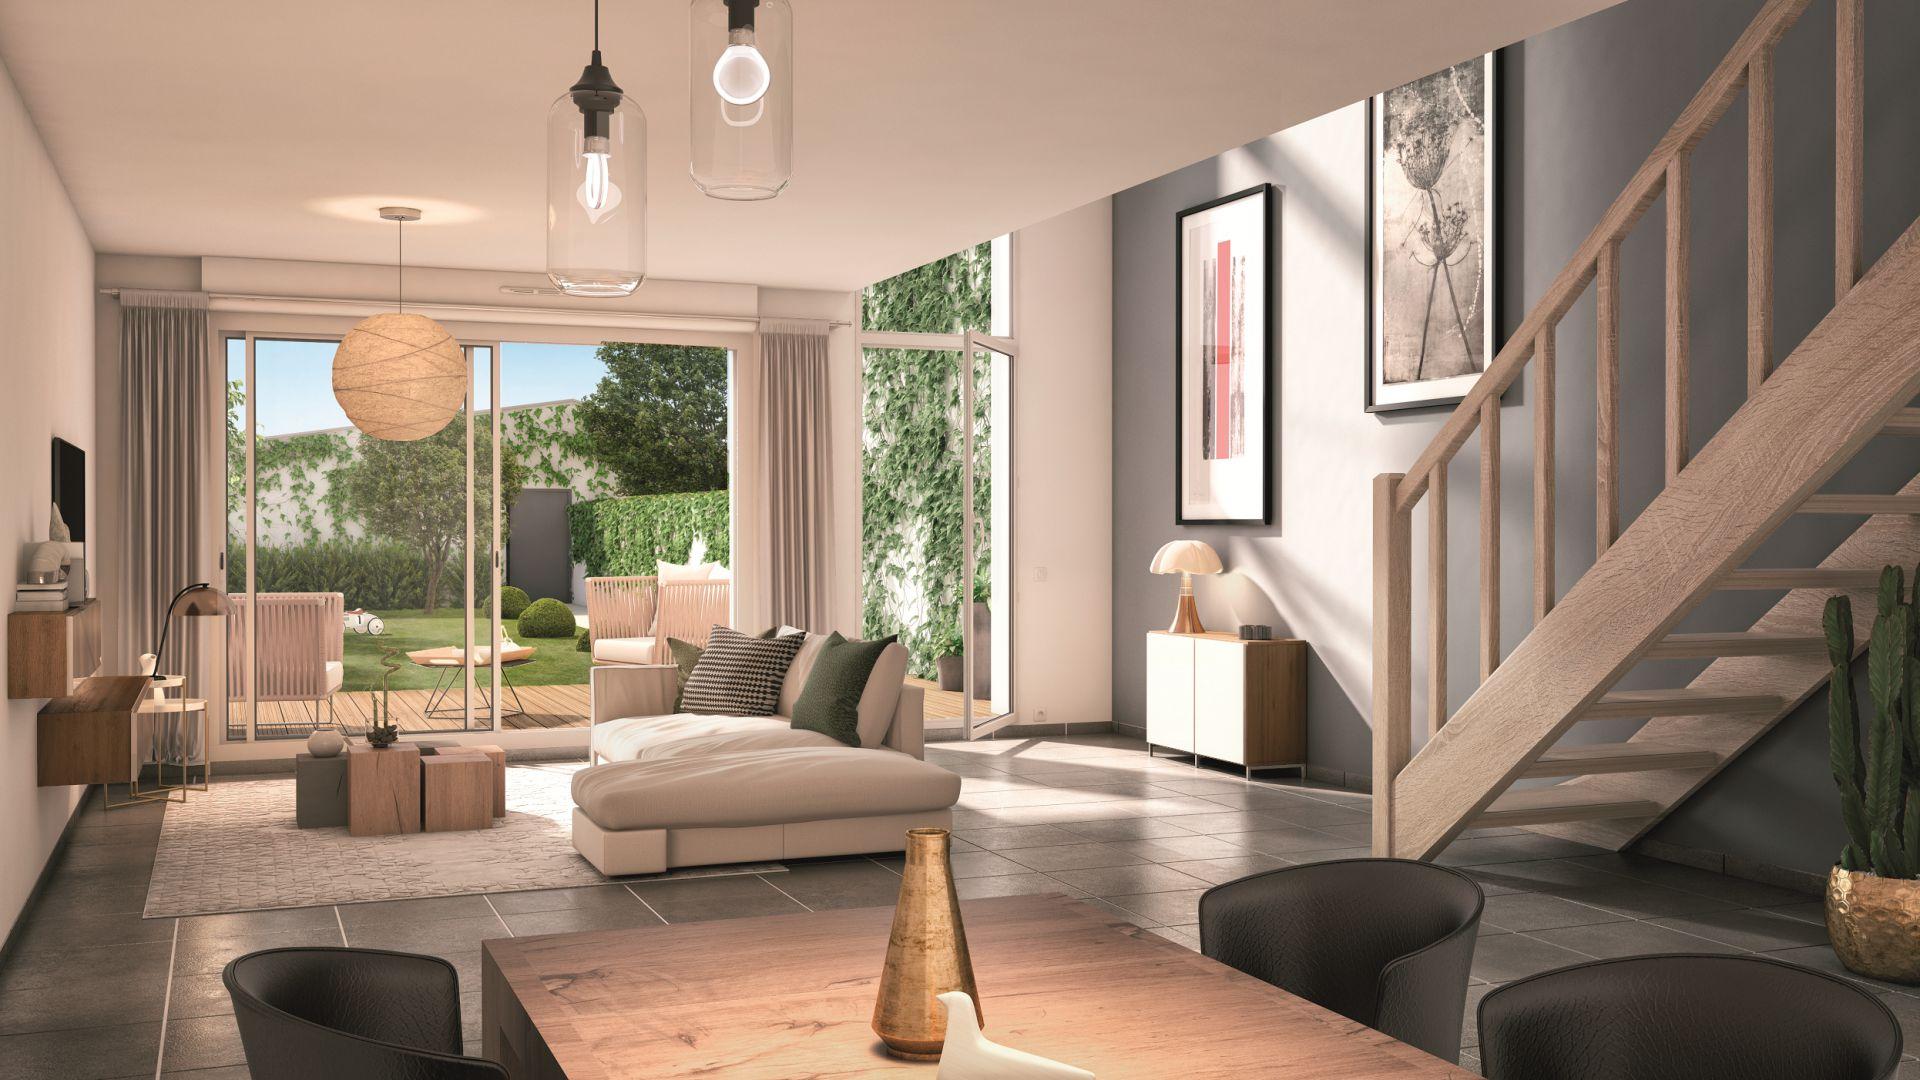 GreenCity immobilier - Blagnac-Beauzelle - 31700 - LB47 - appartements et villas - T2 - T3 - T4 -T5 - intérieur villa T4